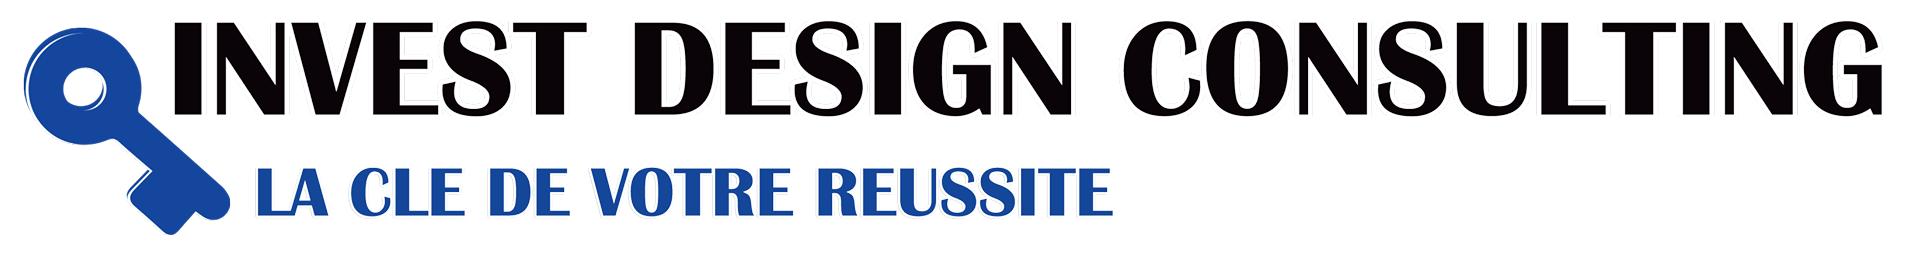 Invest Design Consulting